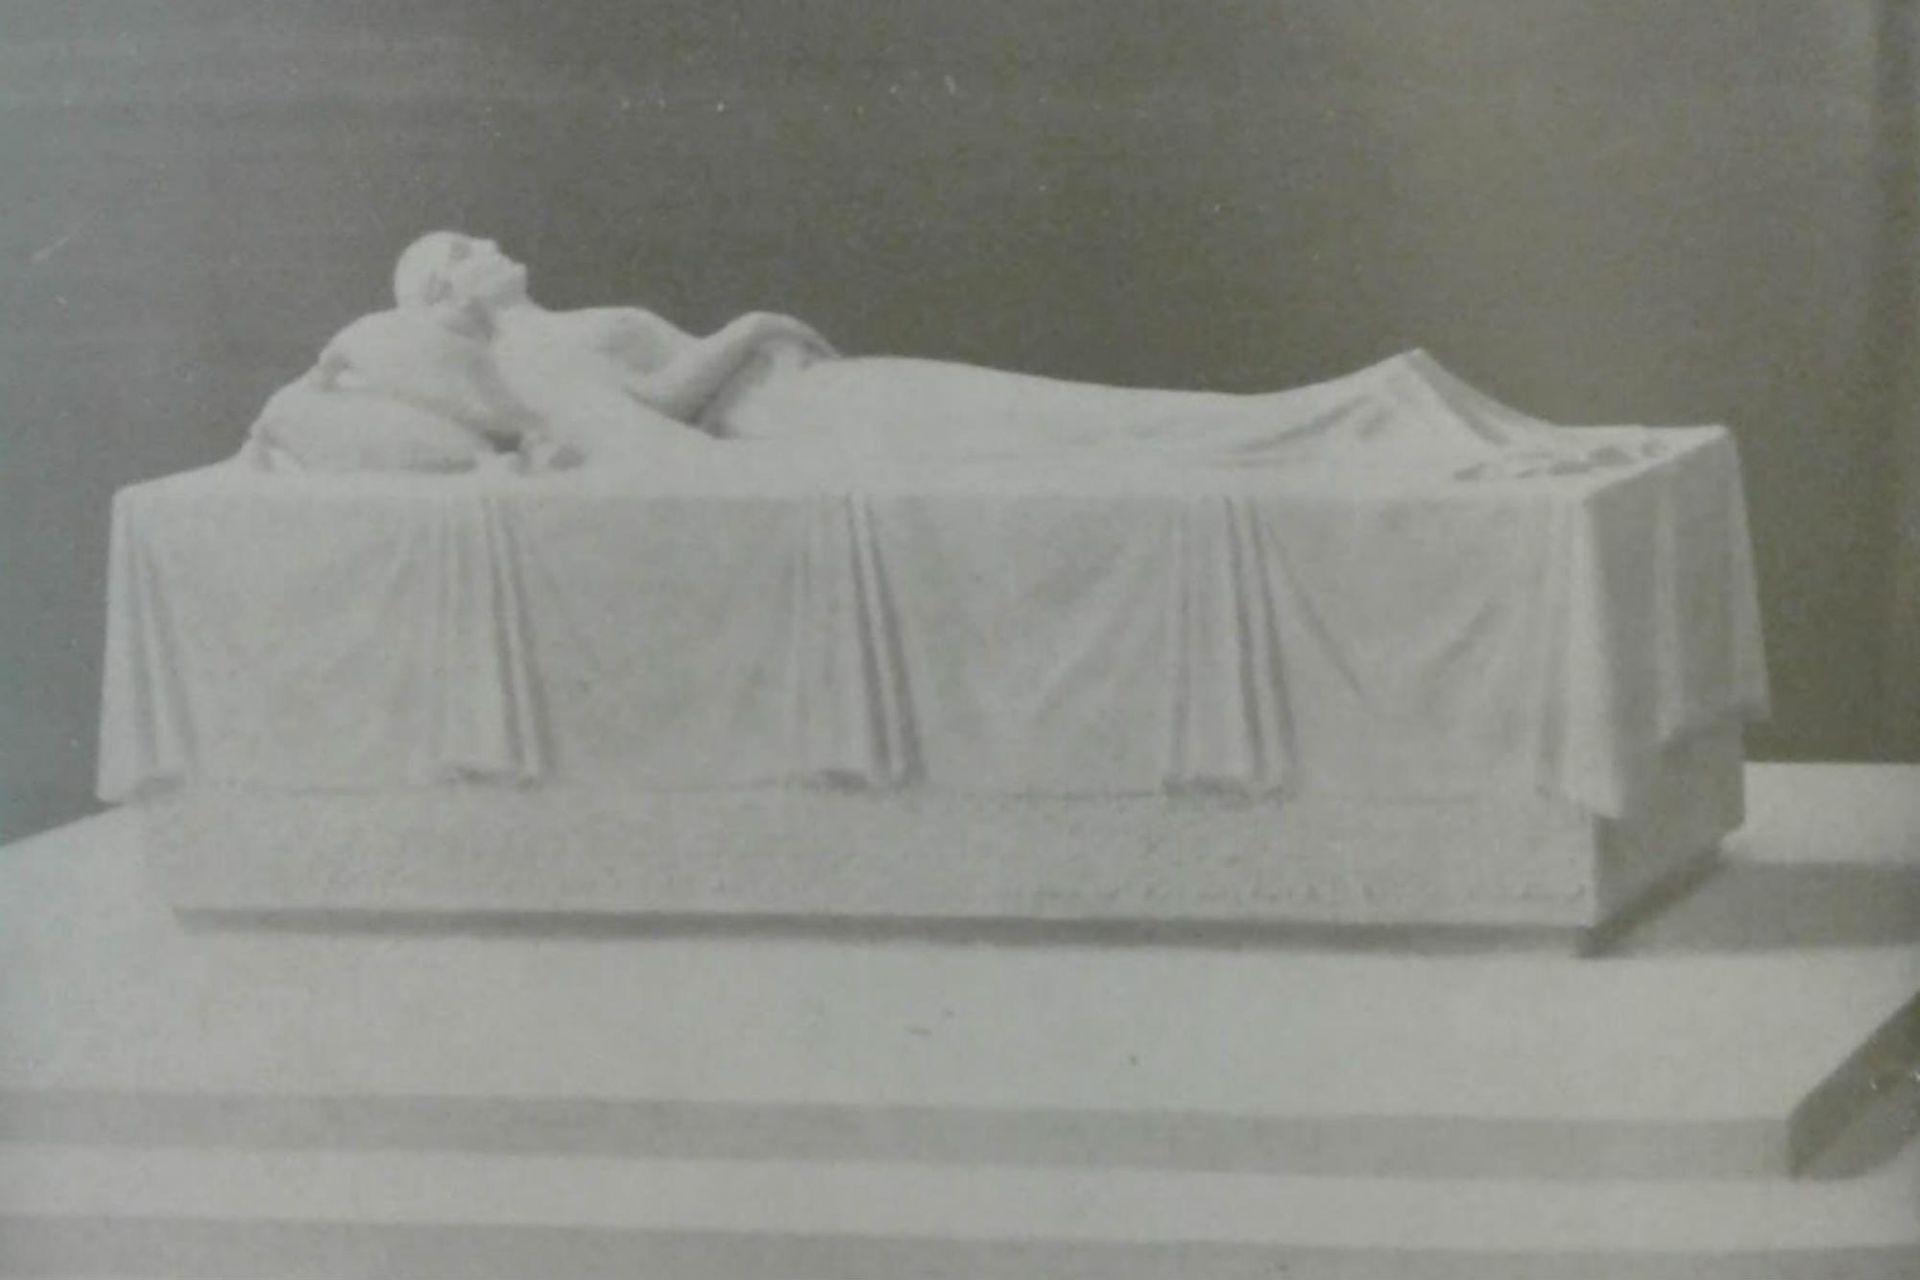 El sarcófago de Eva Perón estaba en el subsuelo del mausoleo